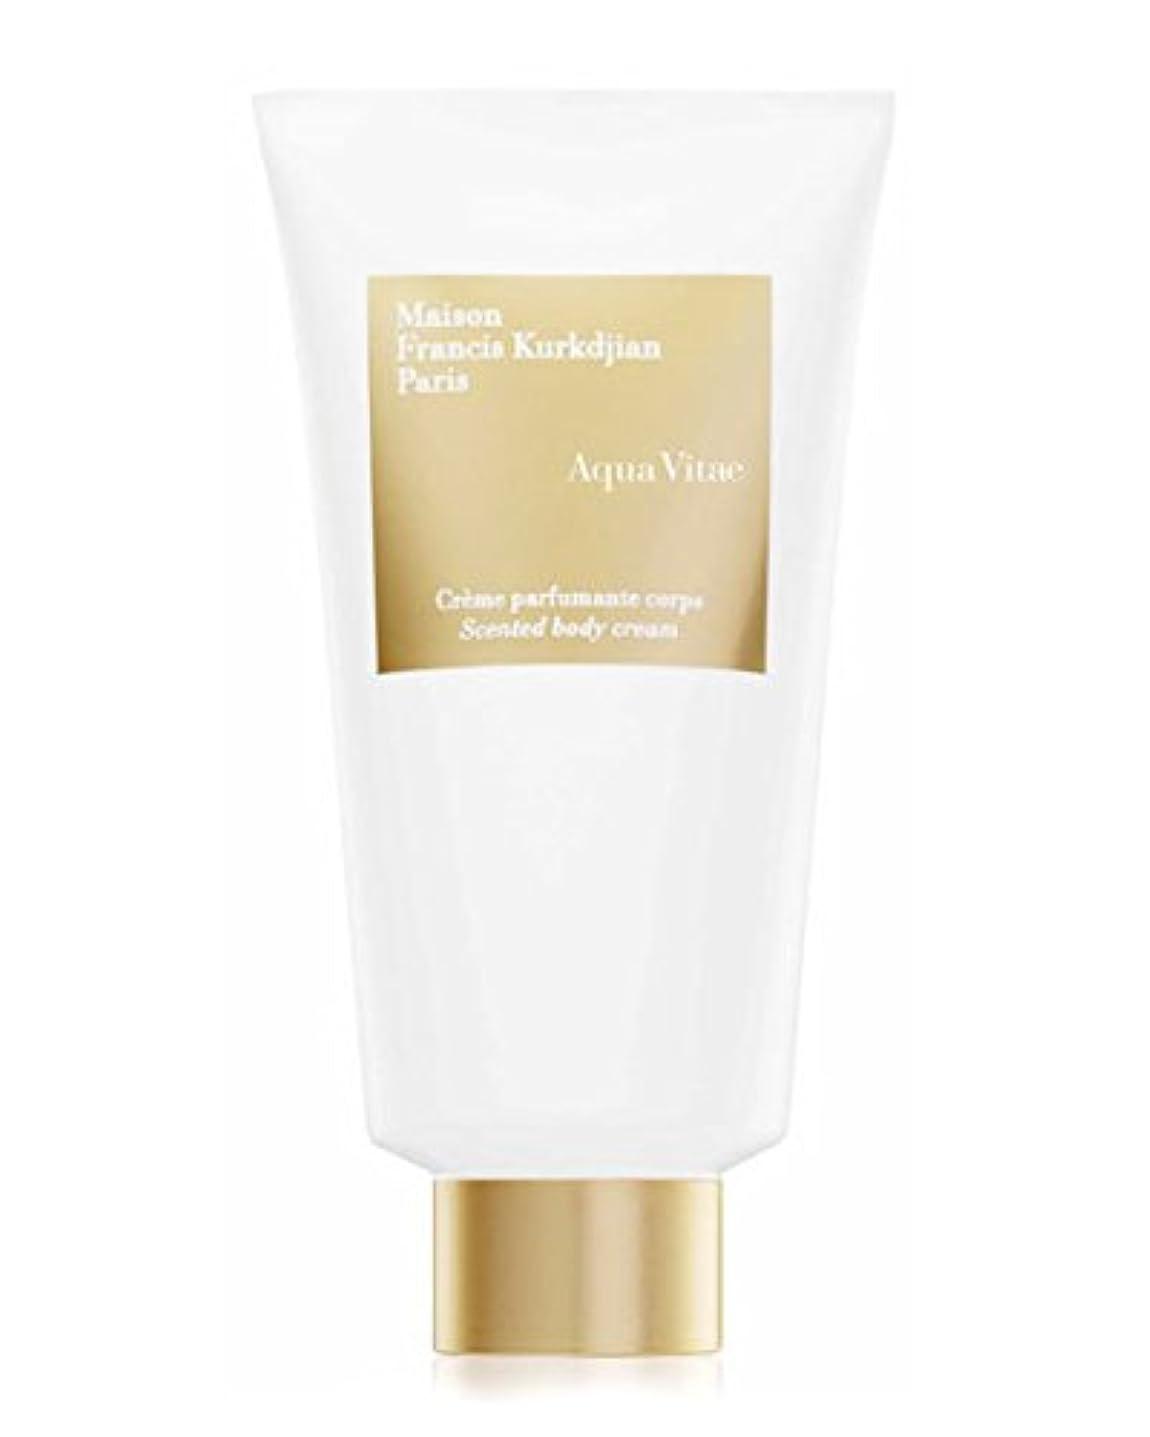 セッティング略語樫の木Maison Francis Kurkdjian Aqua Vitae (メゾン フランシス クルジャン アクア ビタエ) 5.0 oz (150ml) Scented body cream